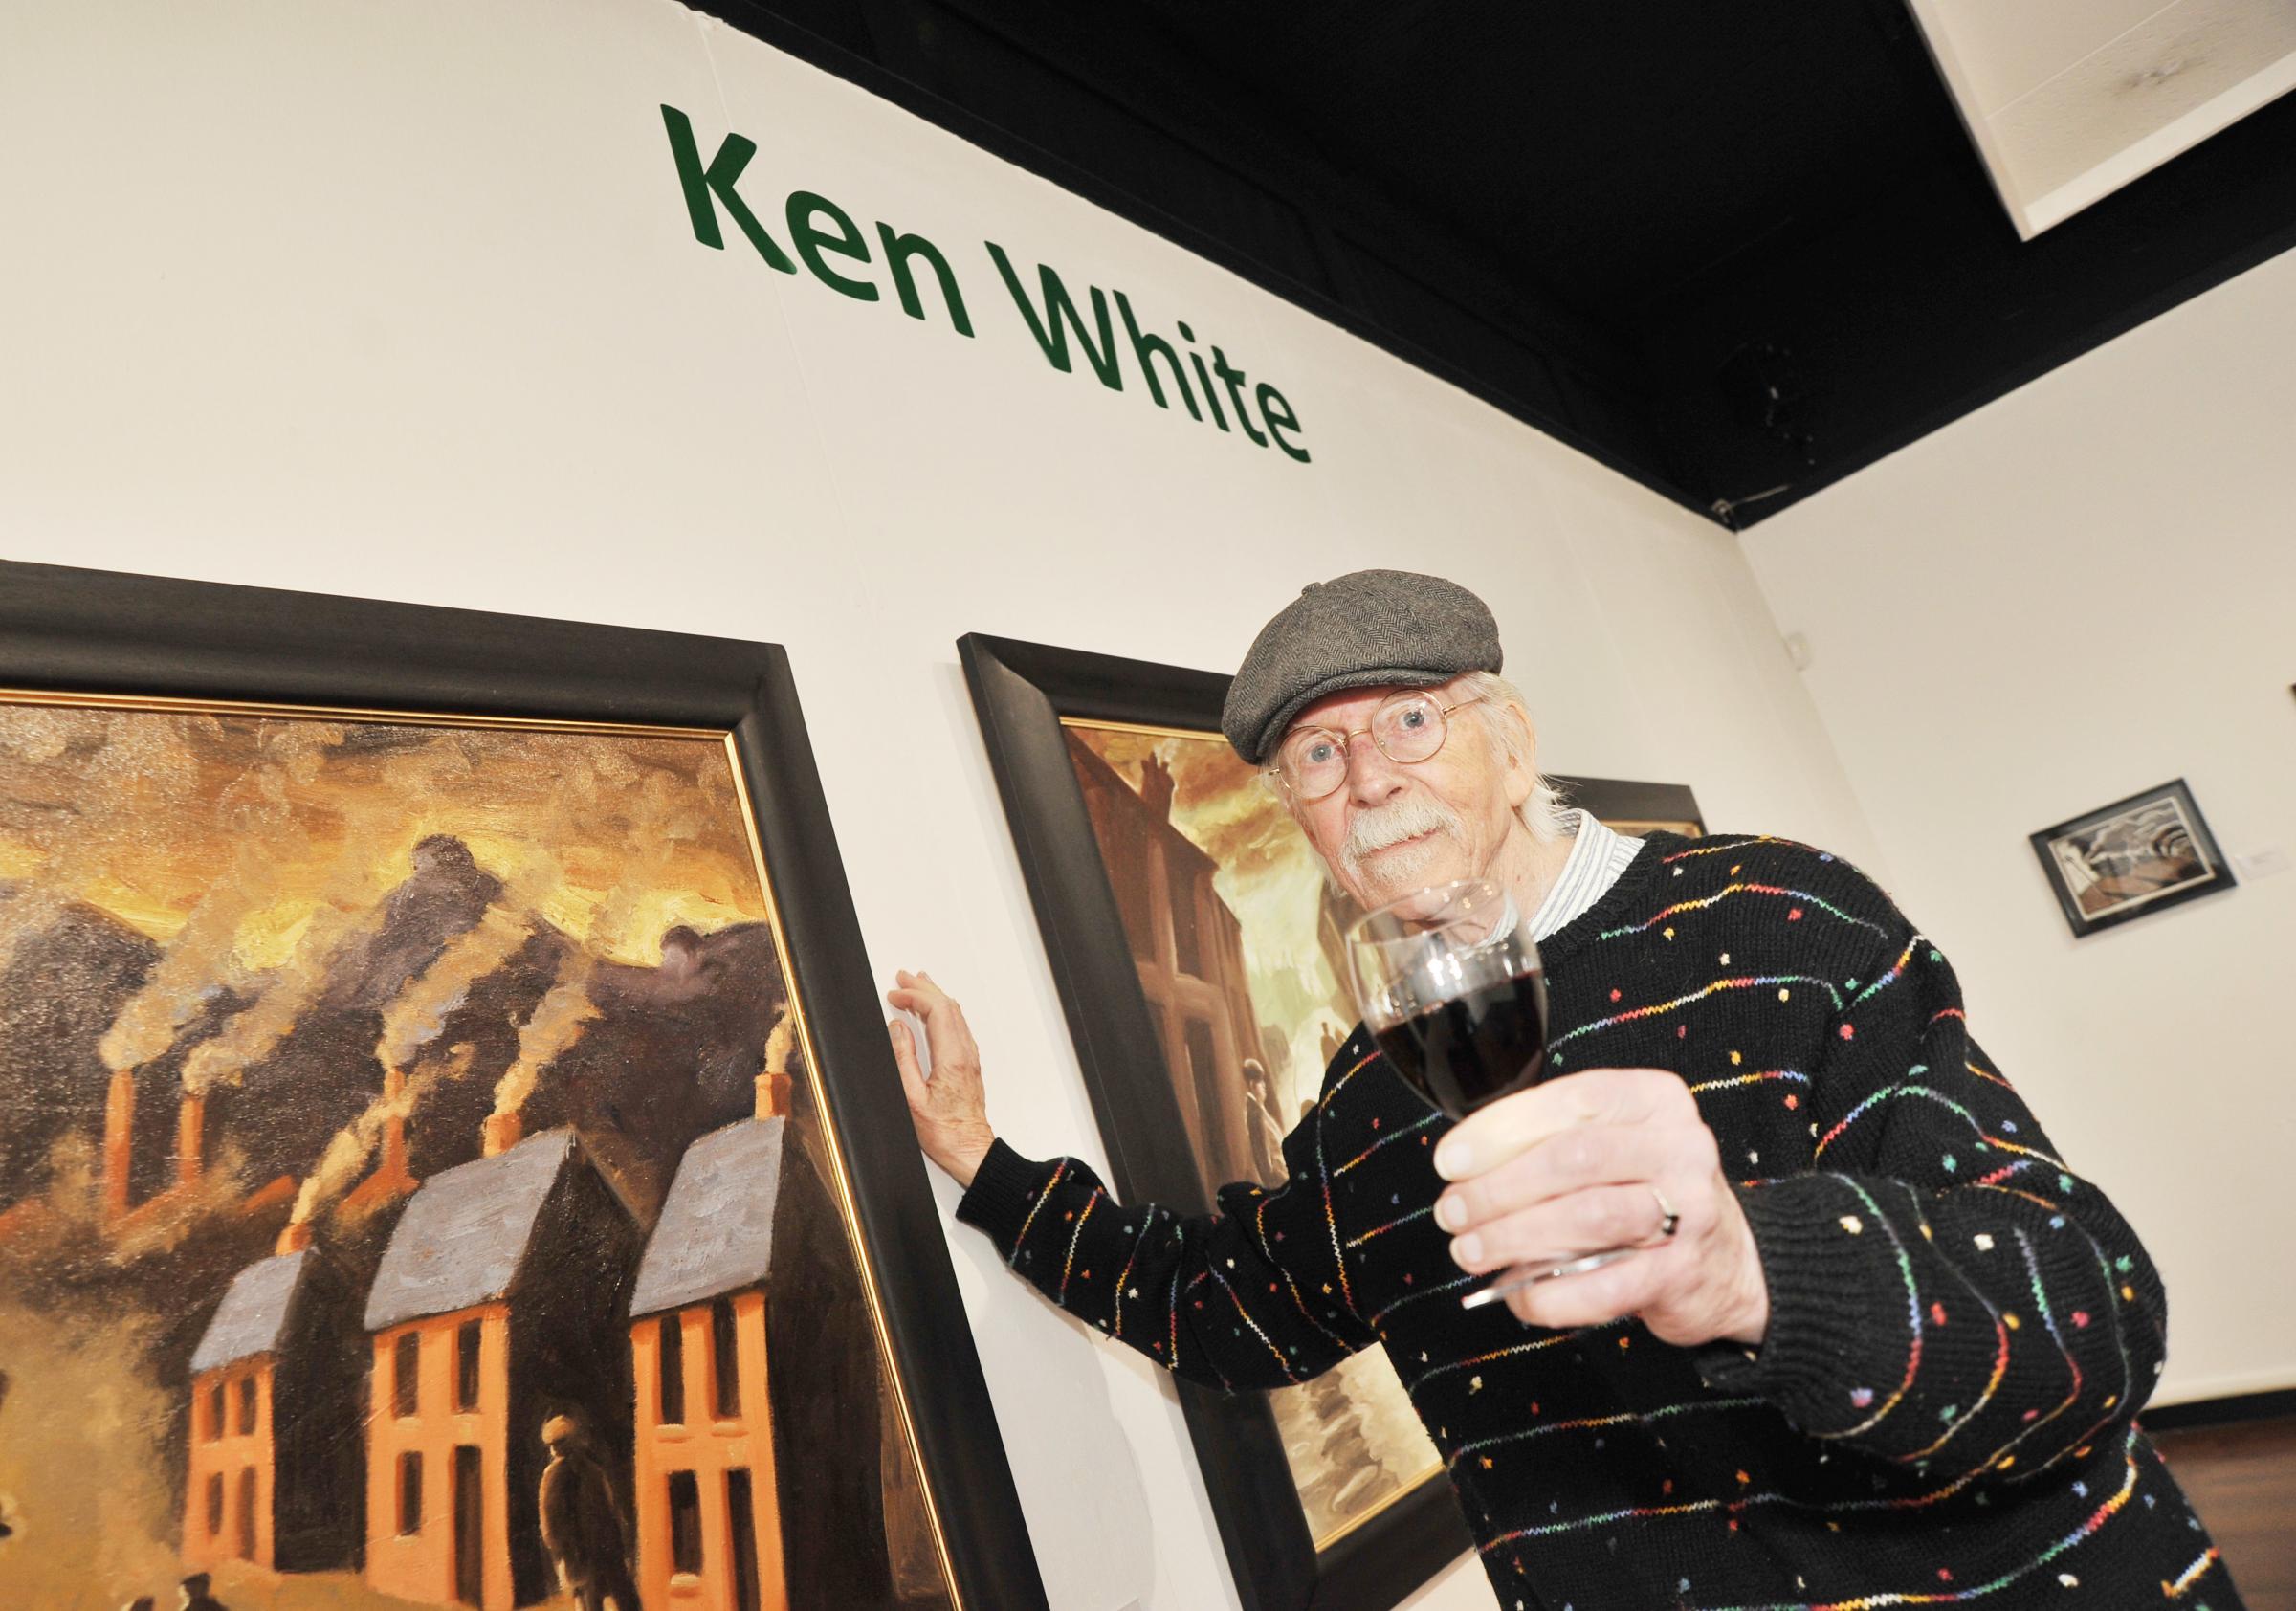 Swindon painter Ken White has got a solo Museum show - at long last